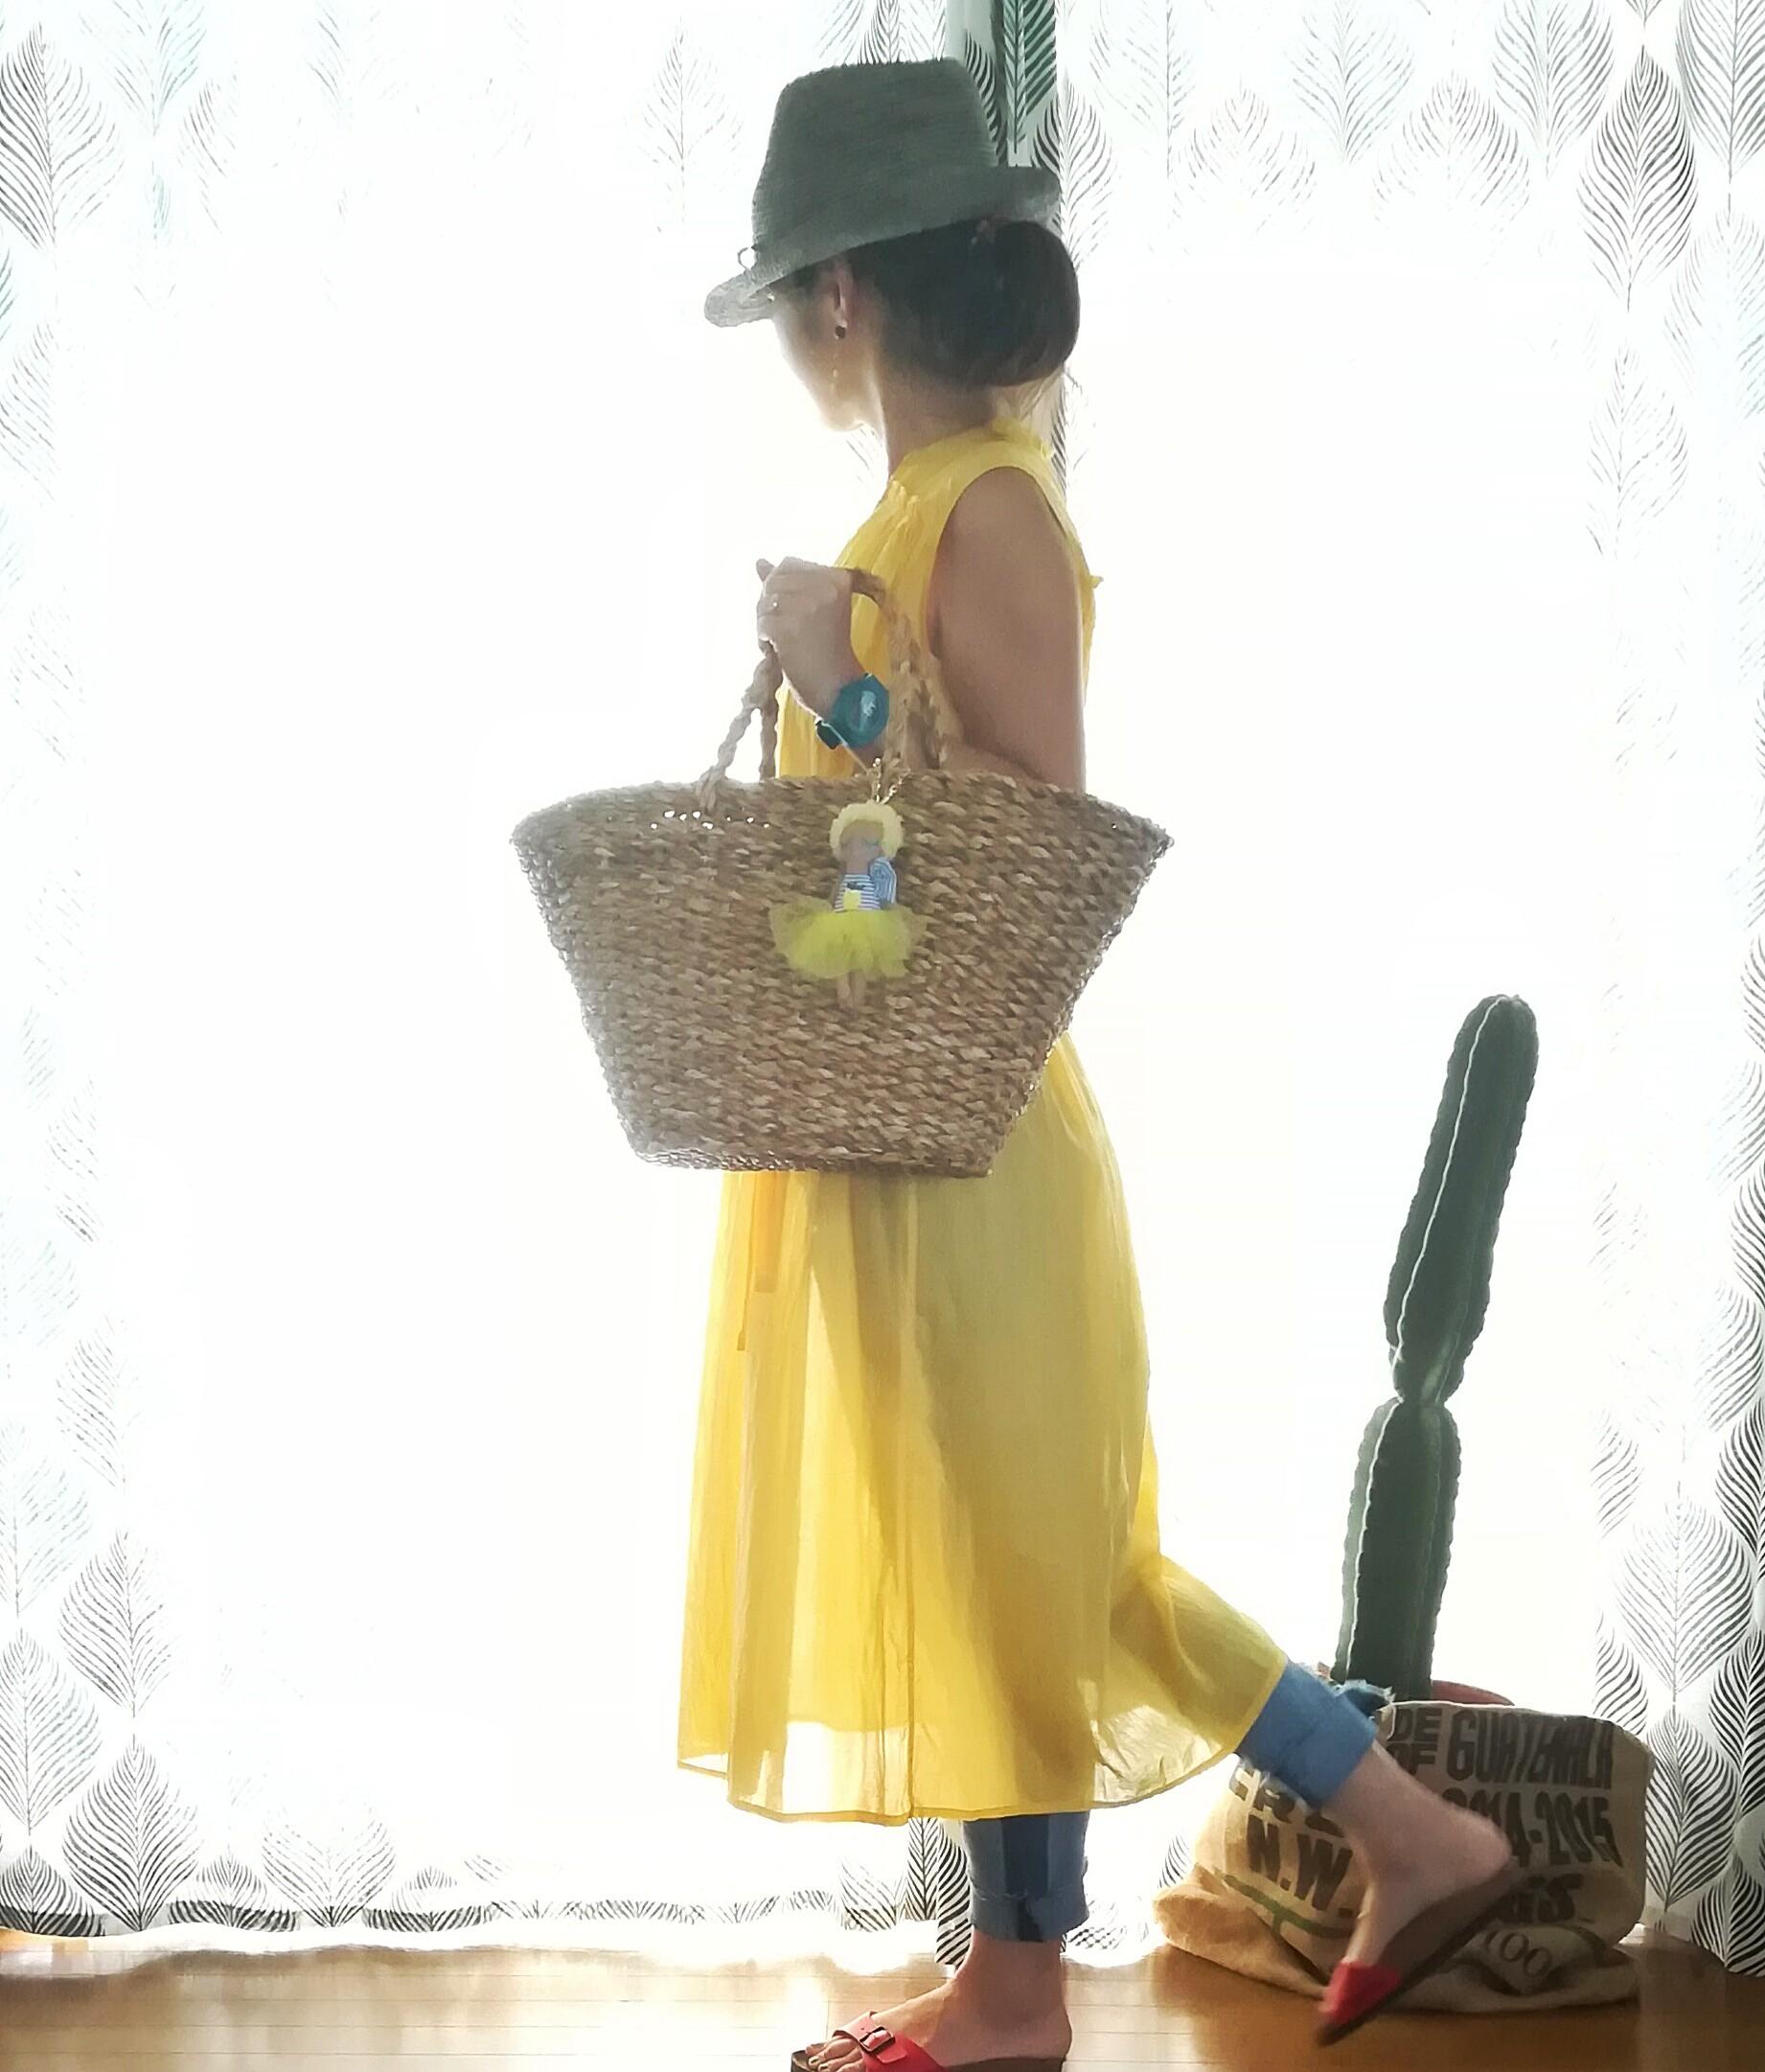 もうすぐ夏休み!子供と一緒のママコーデに大人可愛いドールチャーム♡